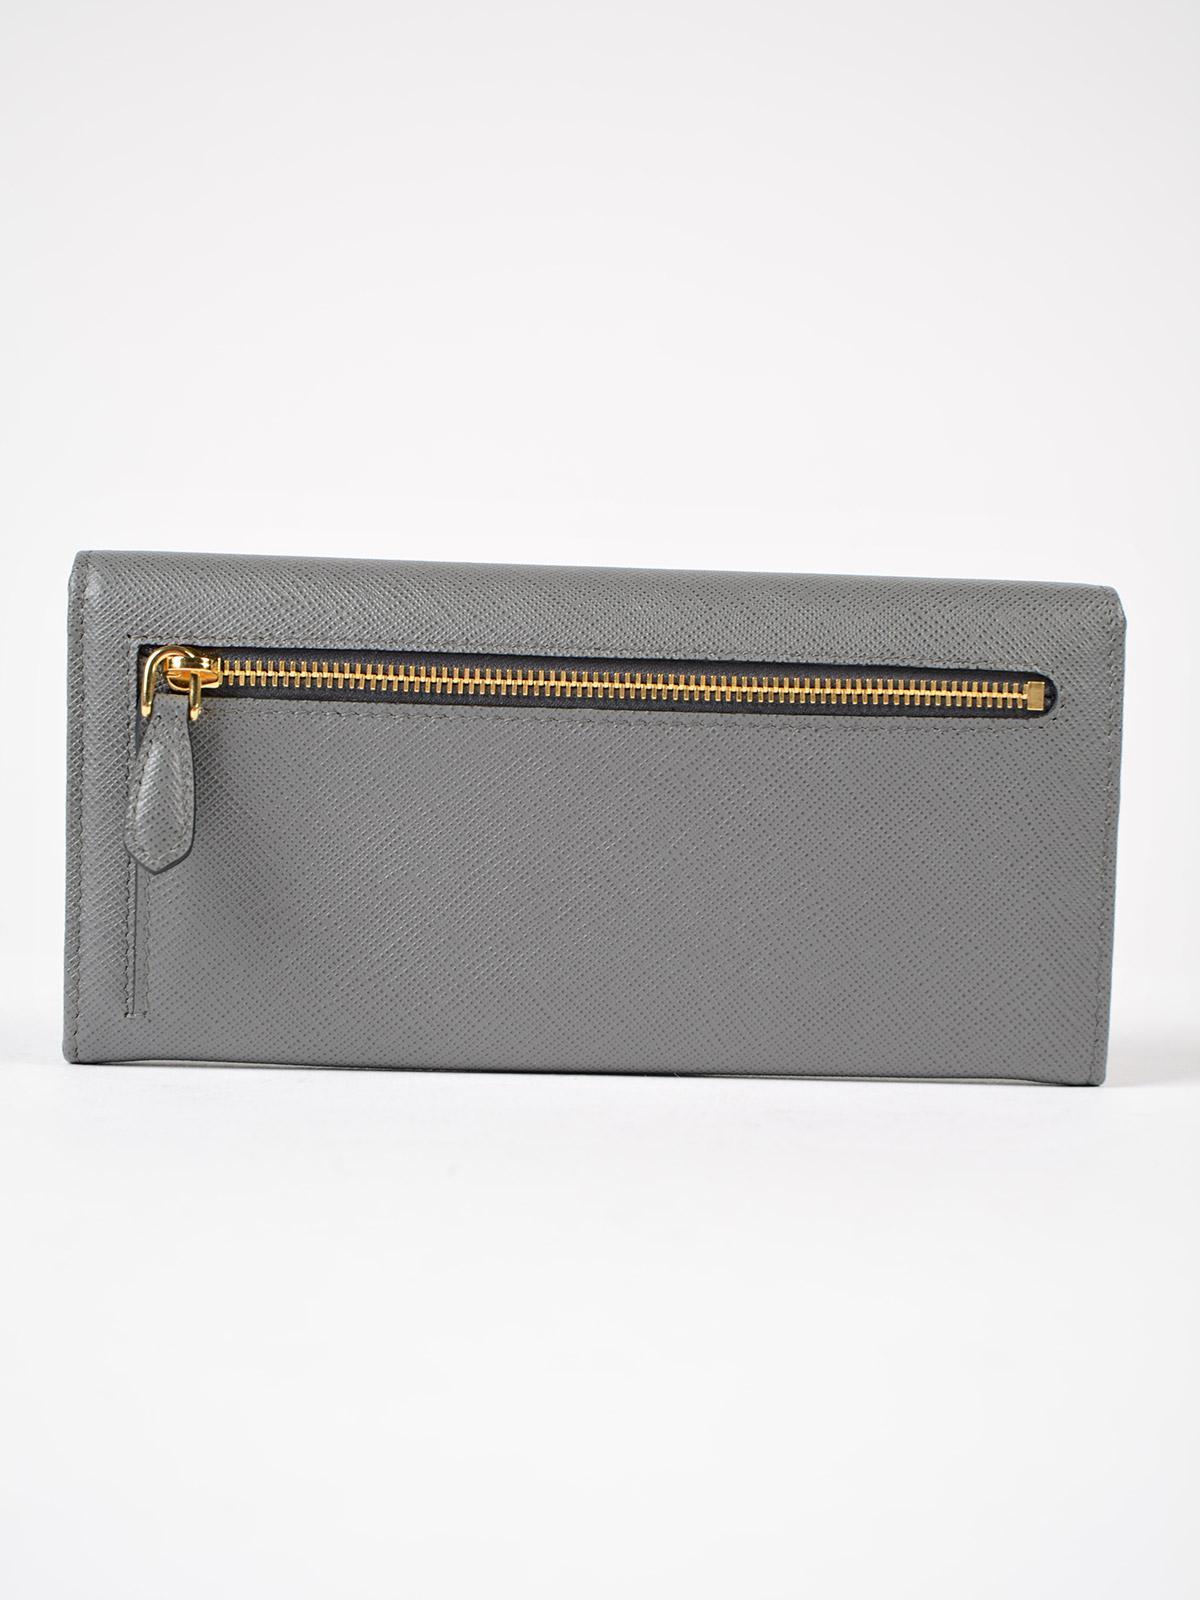 c99395084a83 Prada Saffiano Multicolor Wallet in Gray - Lyst